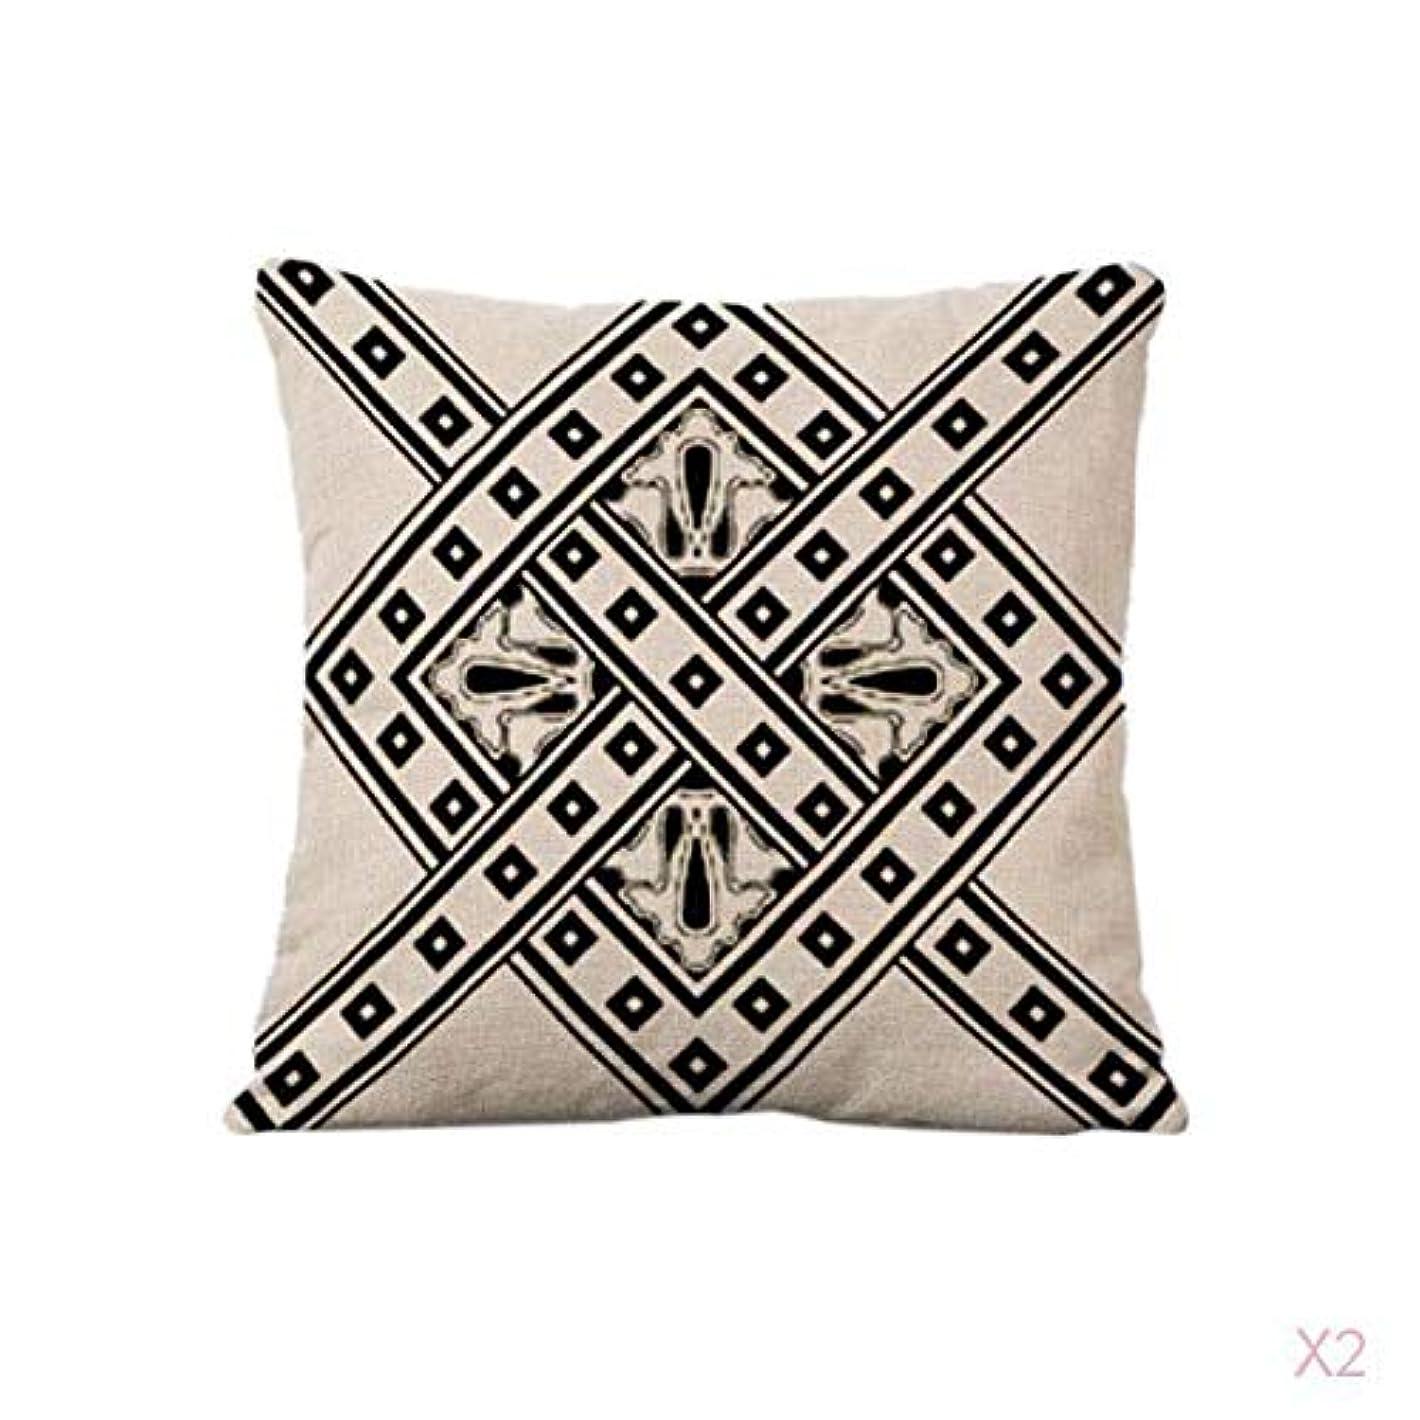 球体化石波紋クッションカバー5色シンプルな幾何学模様のリネンソファー腰枕カバー